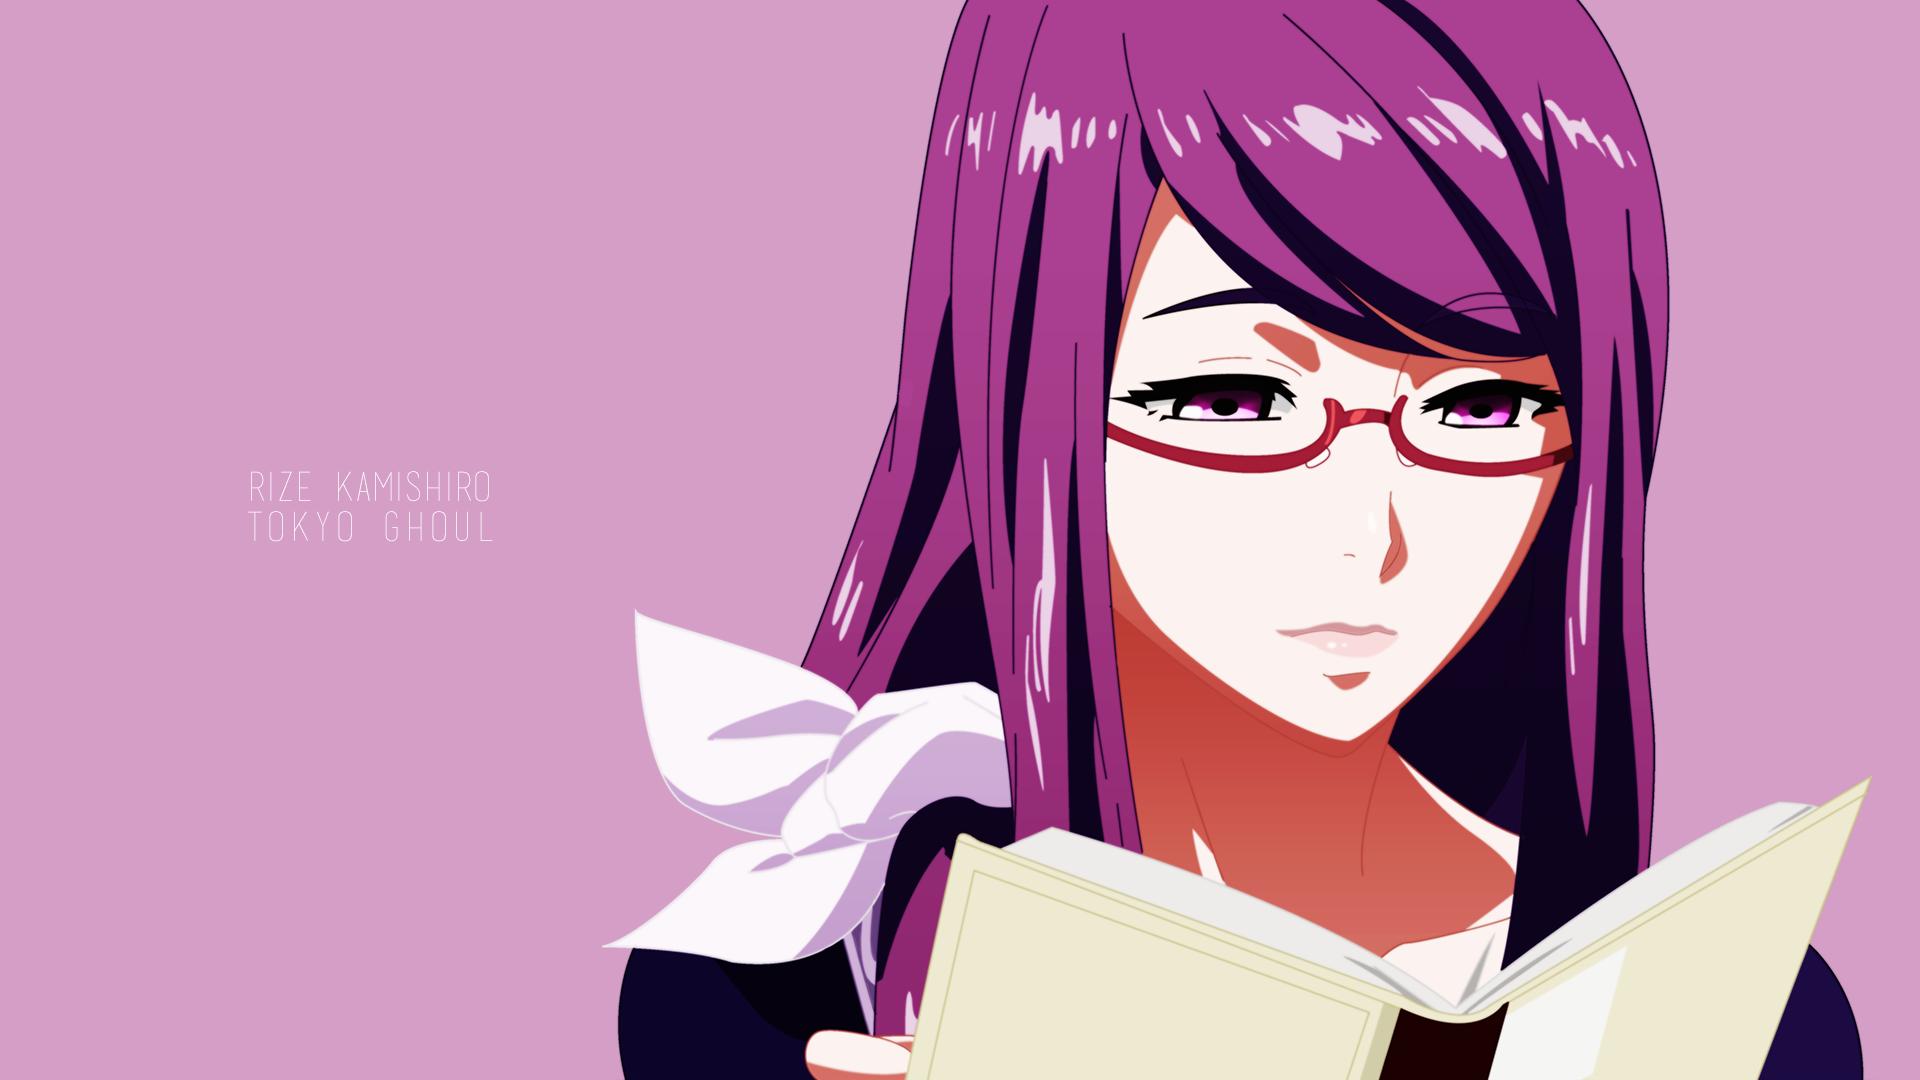 Wallpaper illustration anime girls glasses cartoon